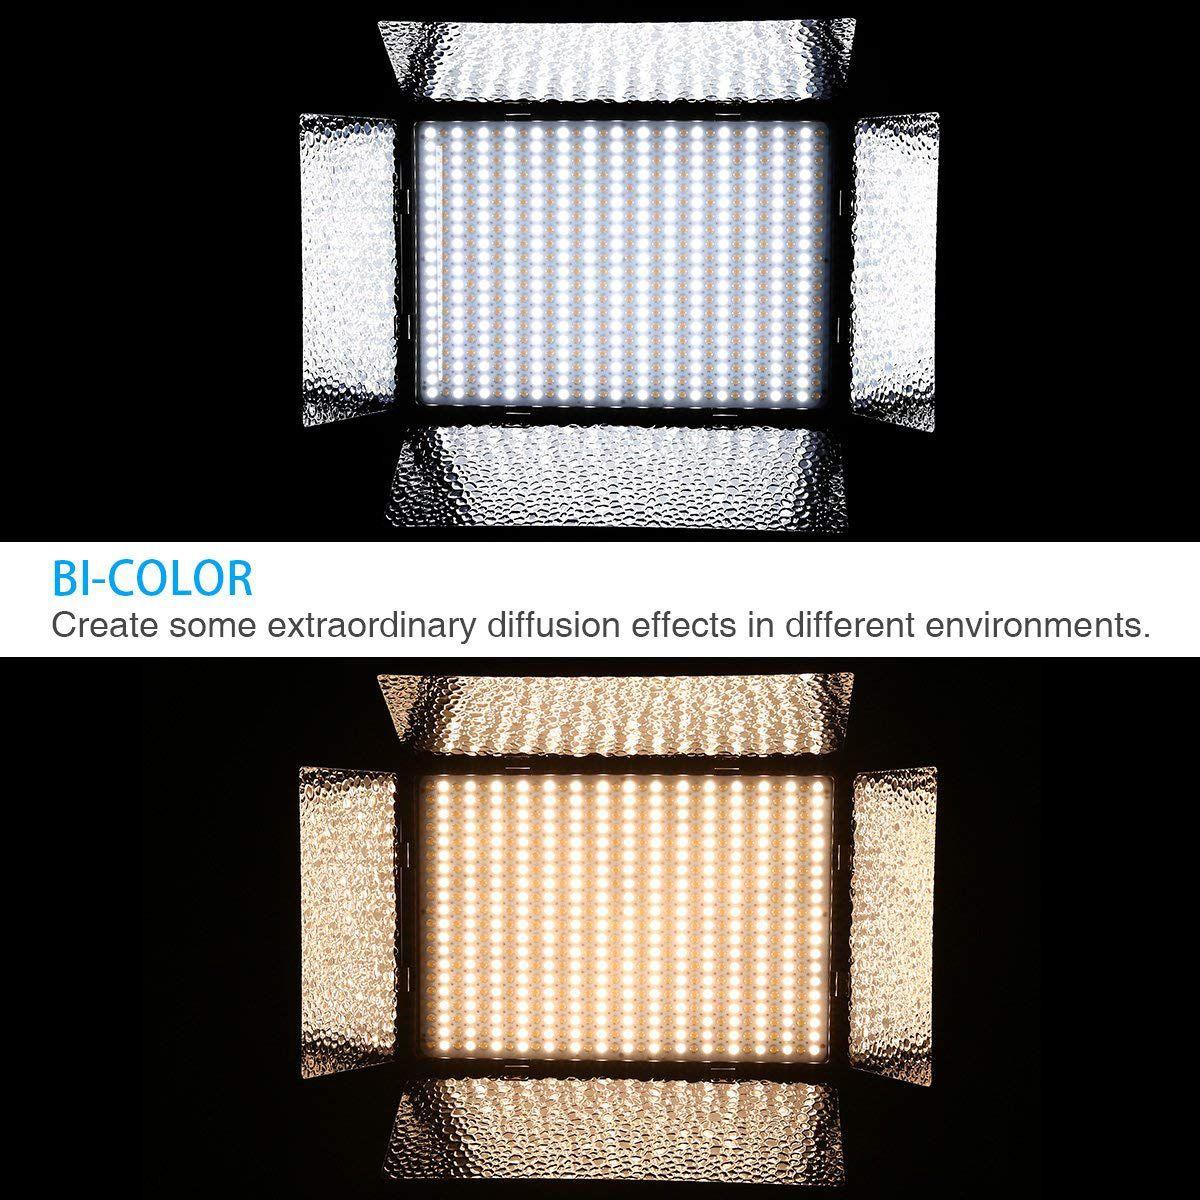 Iluminador de LED Profissional LED-900AS